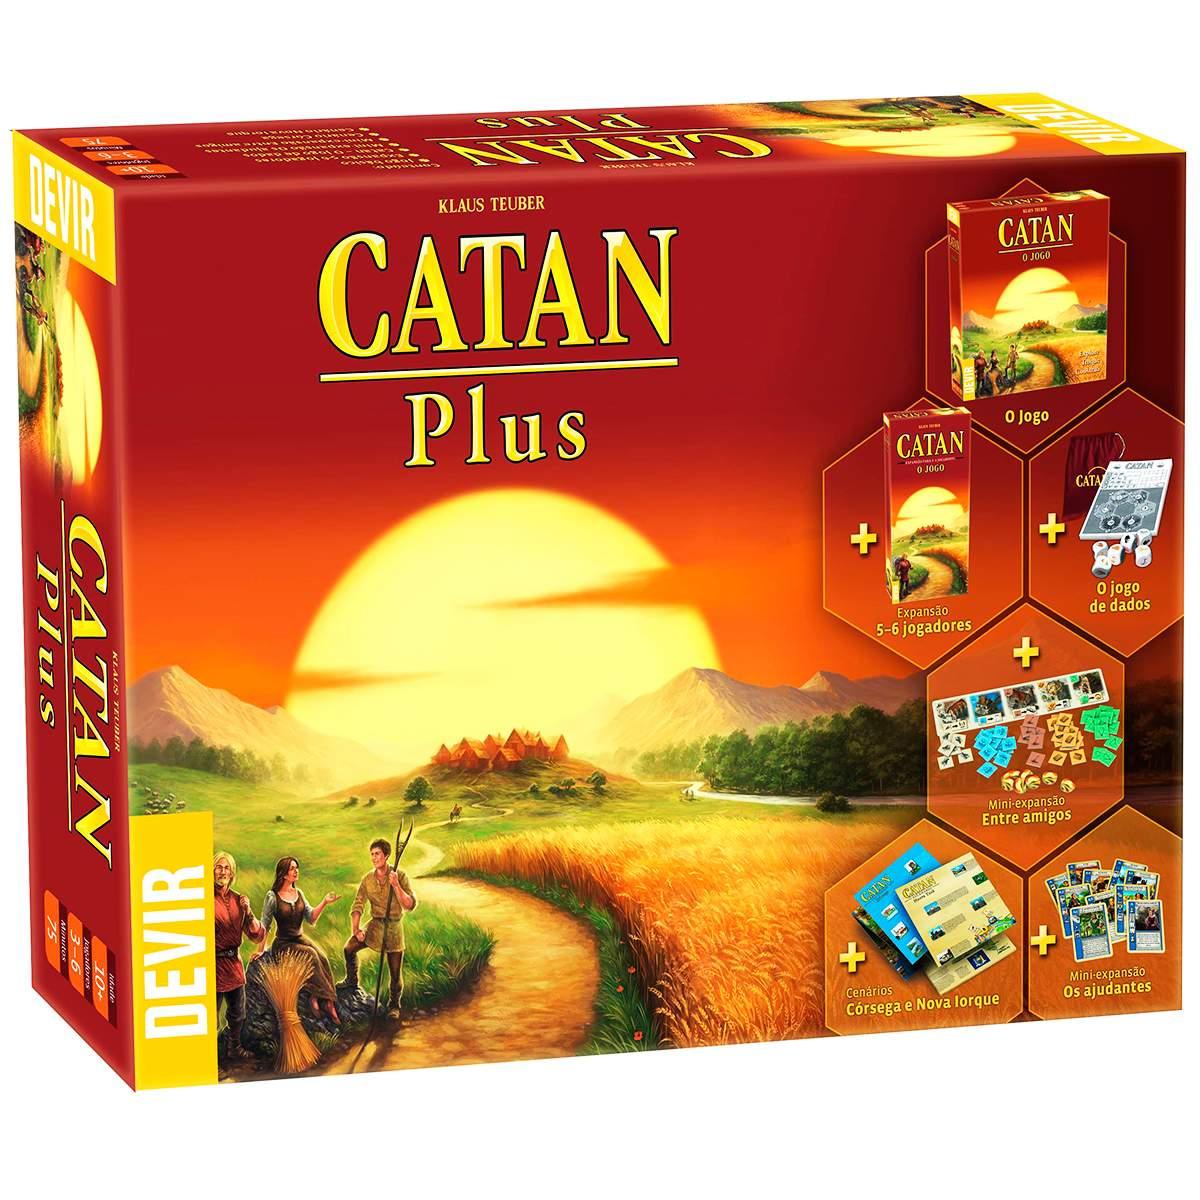 Catan Plus Edição Especial Jogo de Tabuleiro Devir